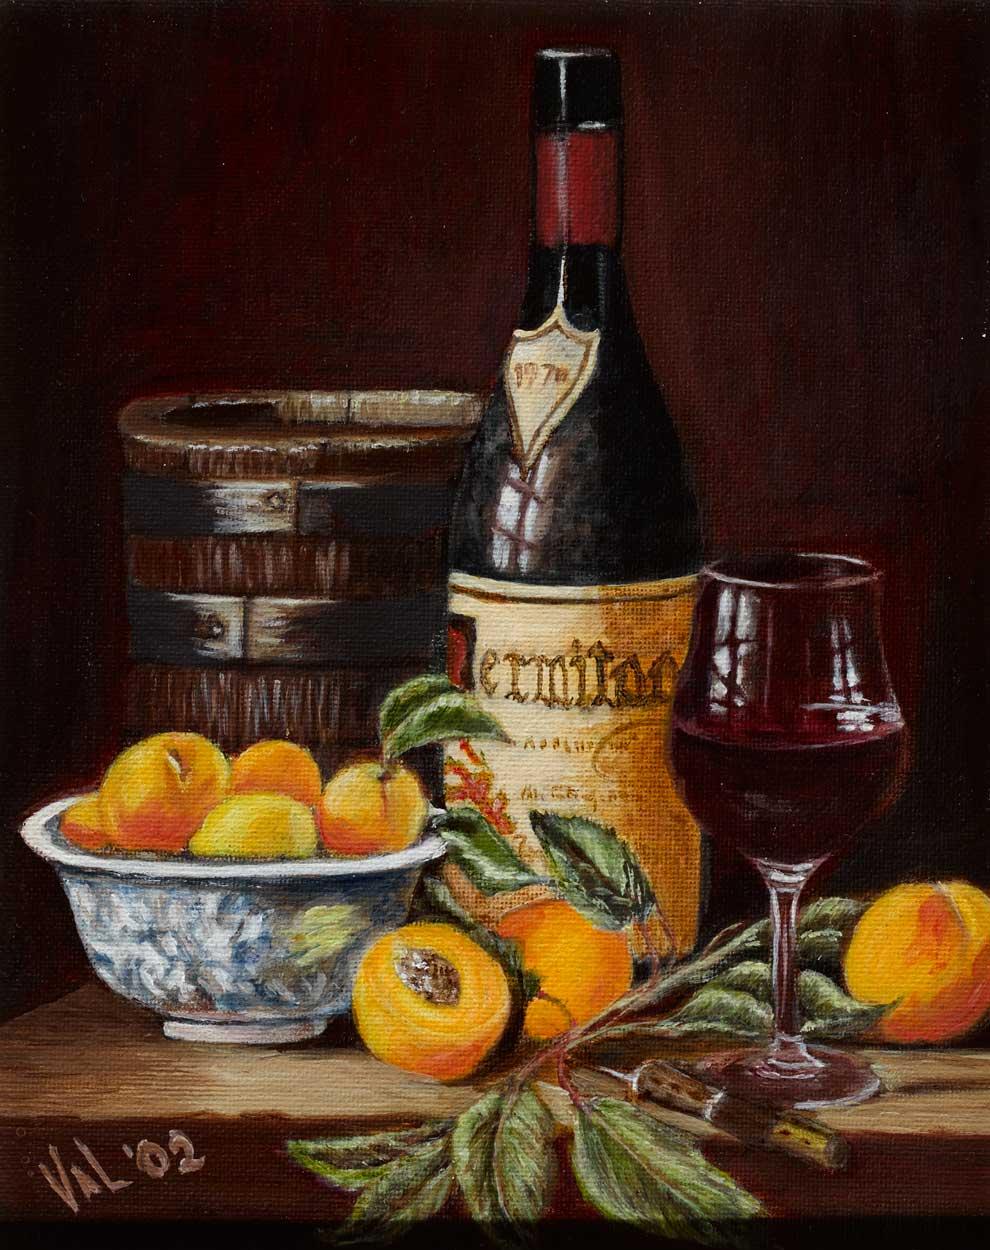 hermitage-wine-24hx20w-cm-b_990